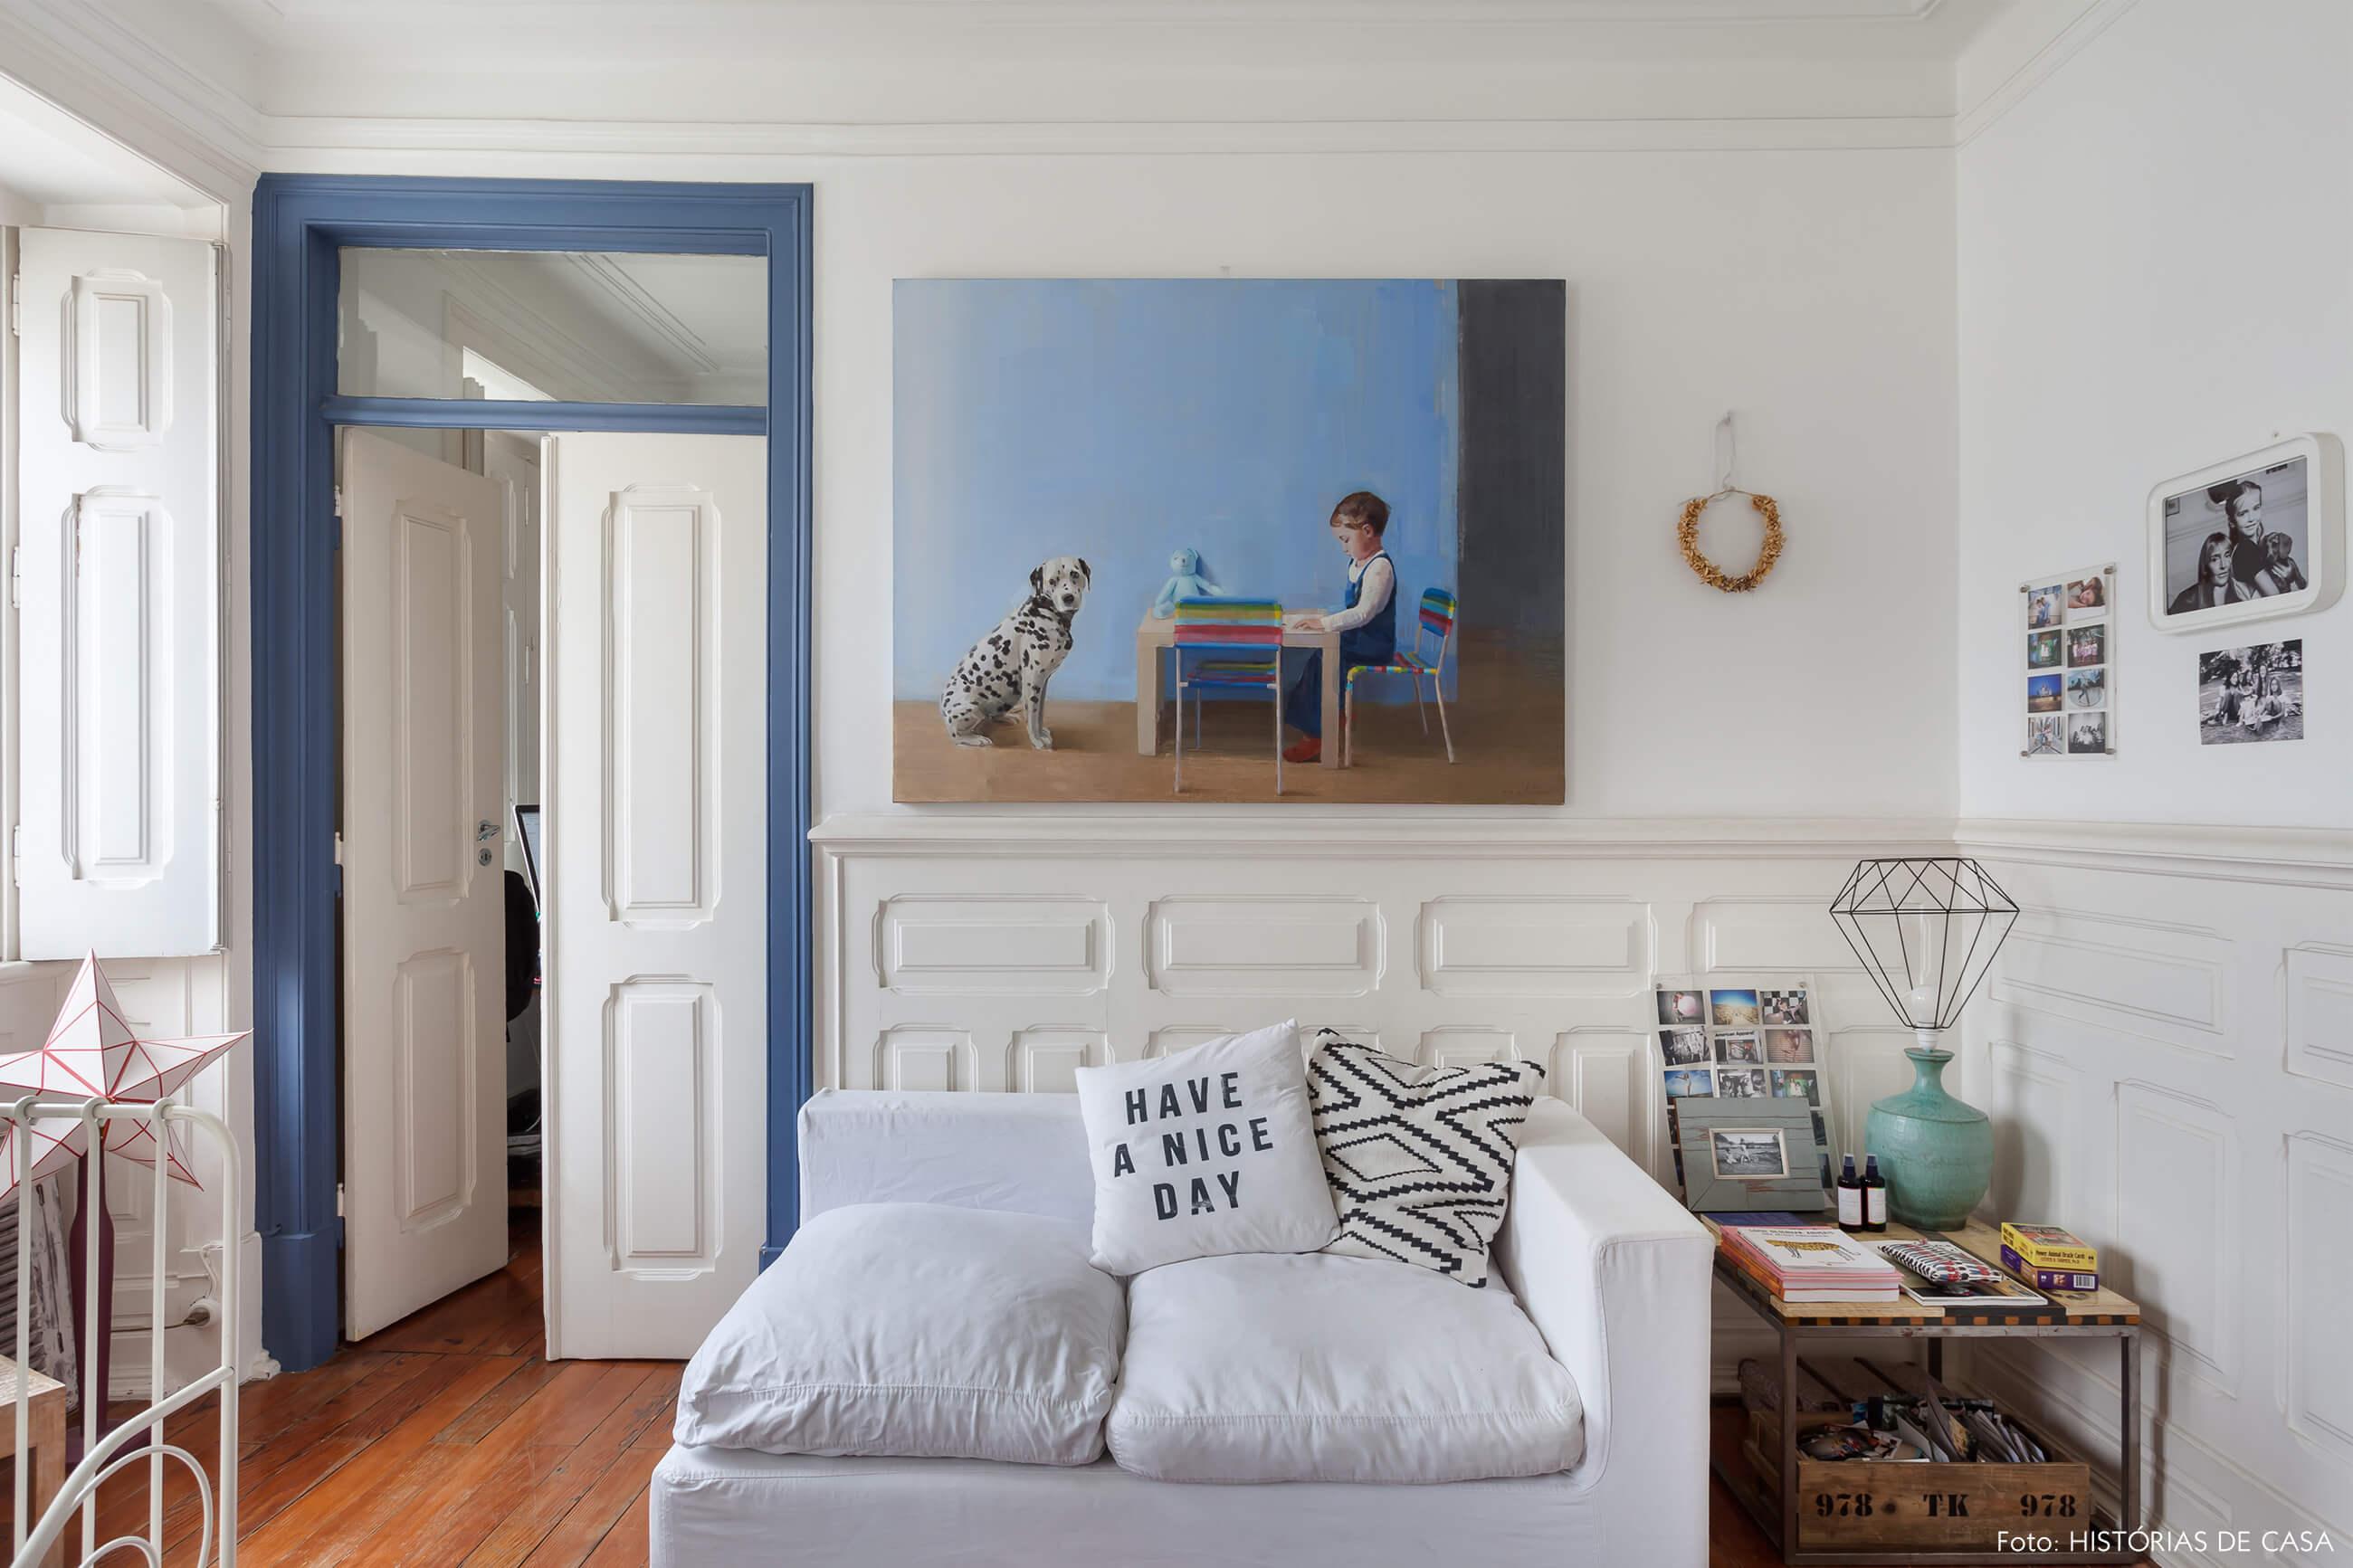 mariana-portugal-decoração-sala-branca-e-azul-com-quadro-pintura